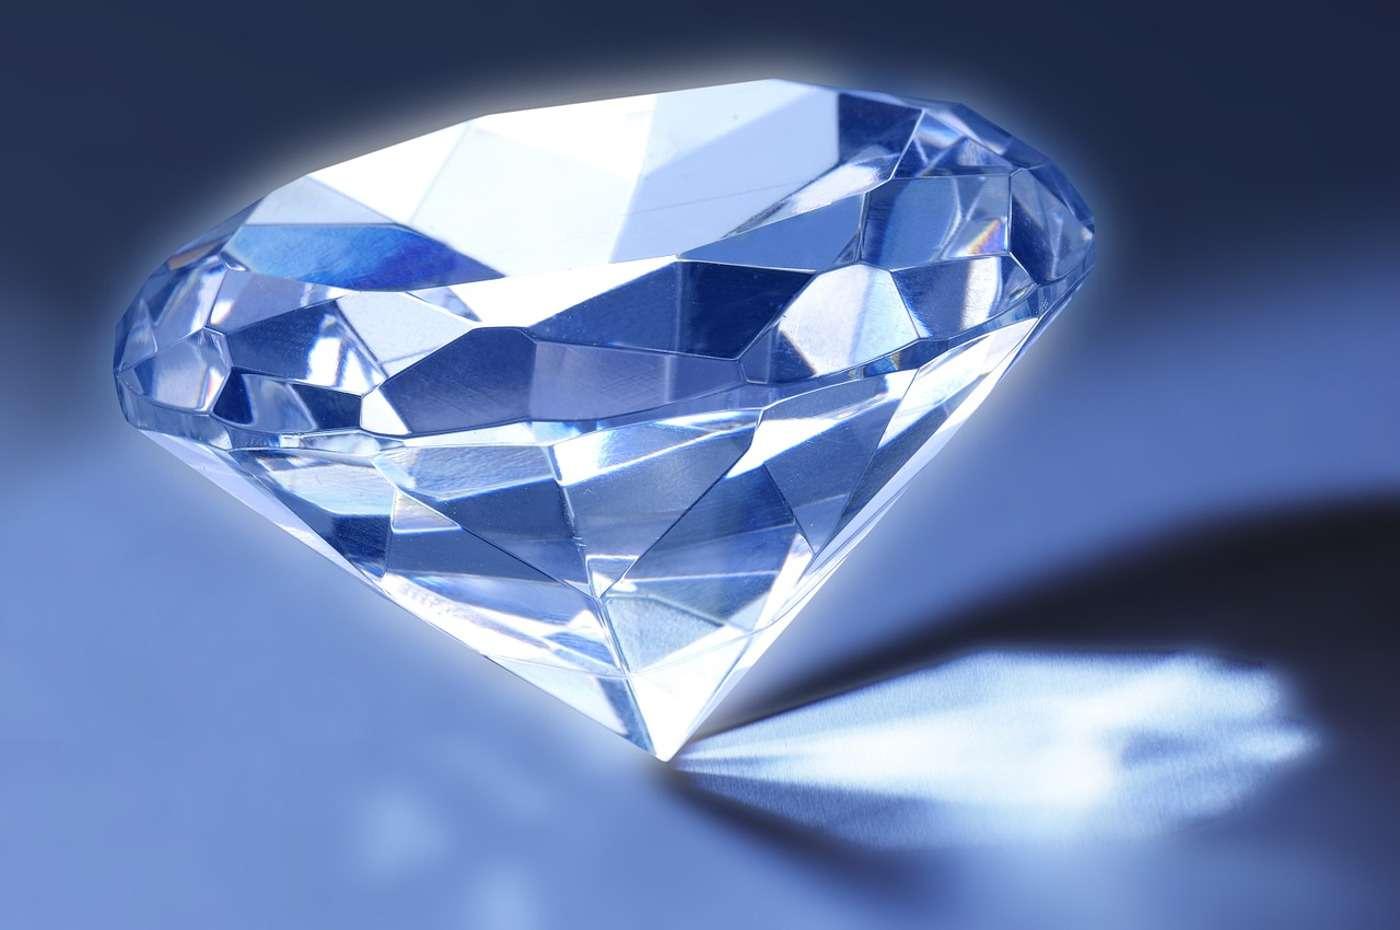 Les diamants sont uniquement composés de carbone. Ils restent pourtant compliqués à synthétiser. © Nafets, Pixabay, DP